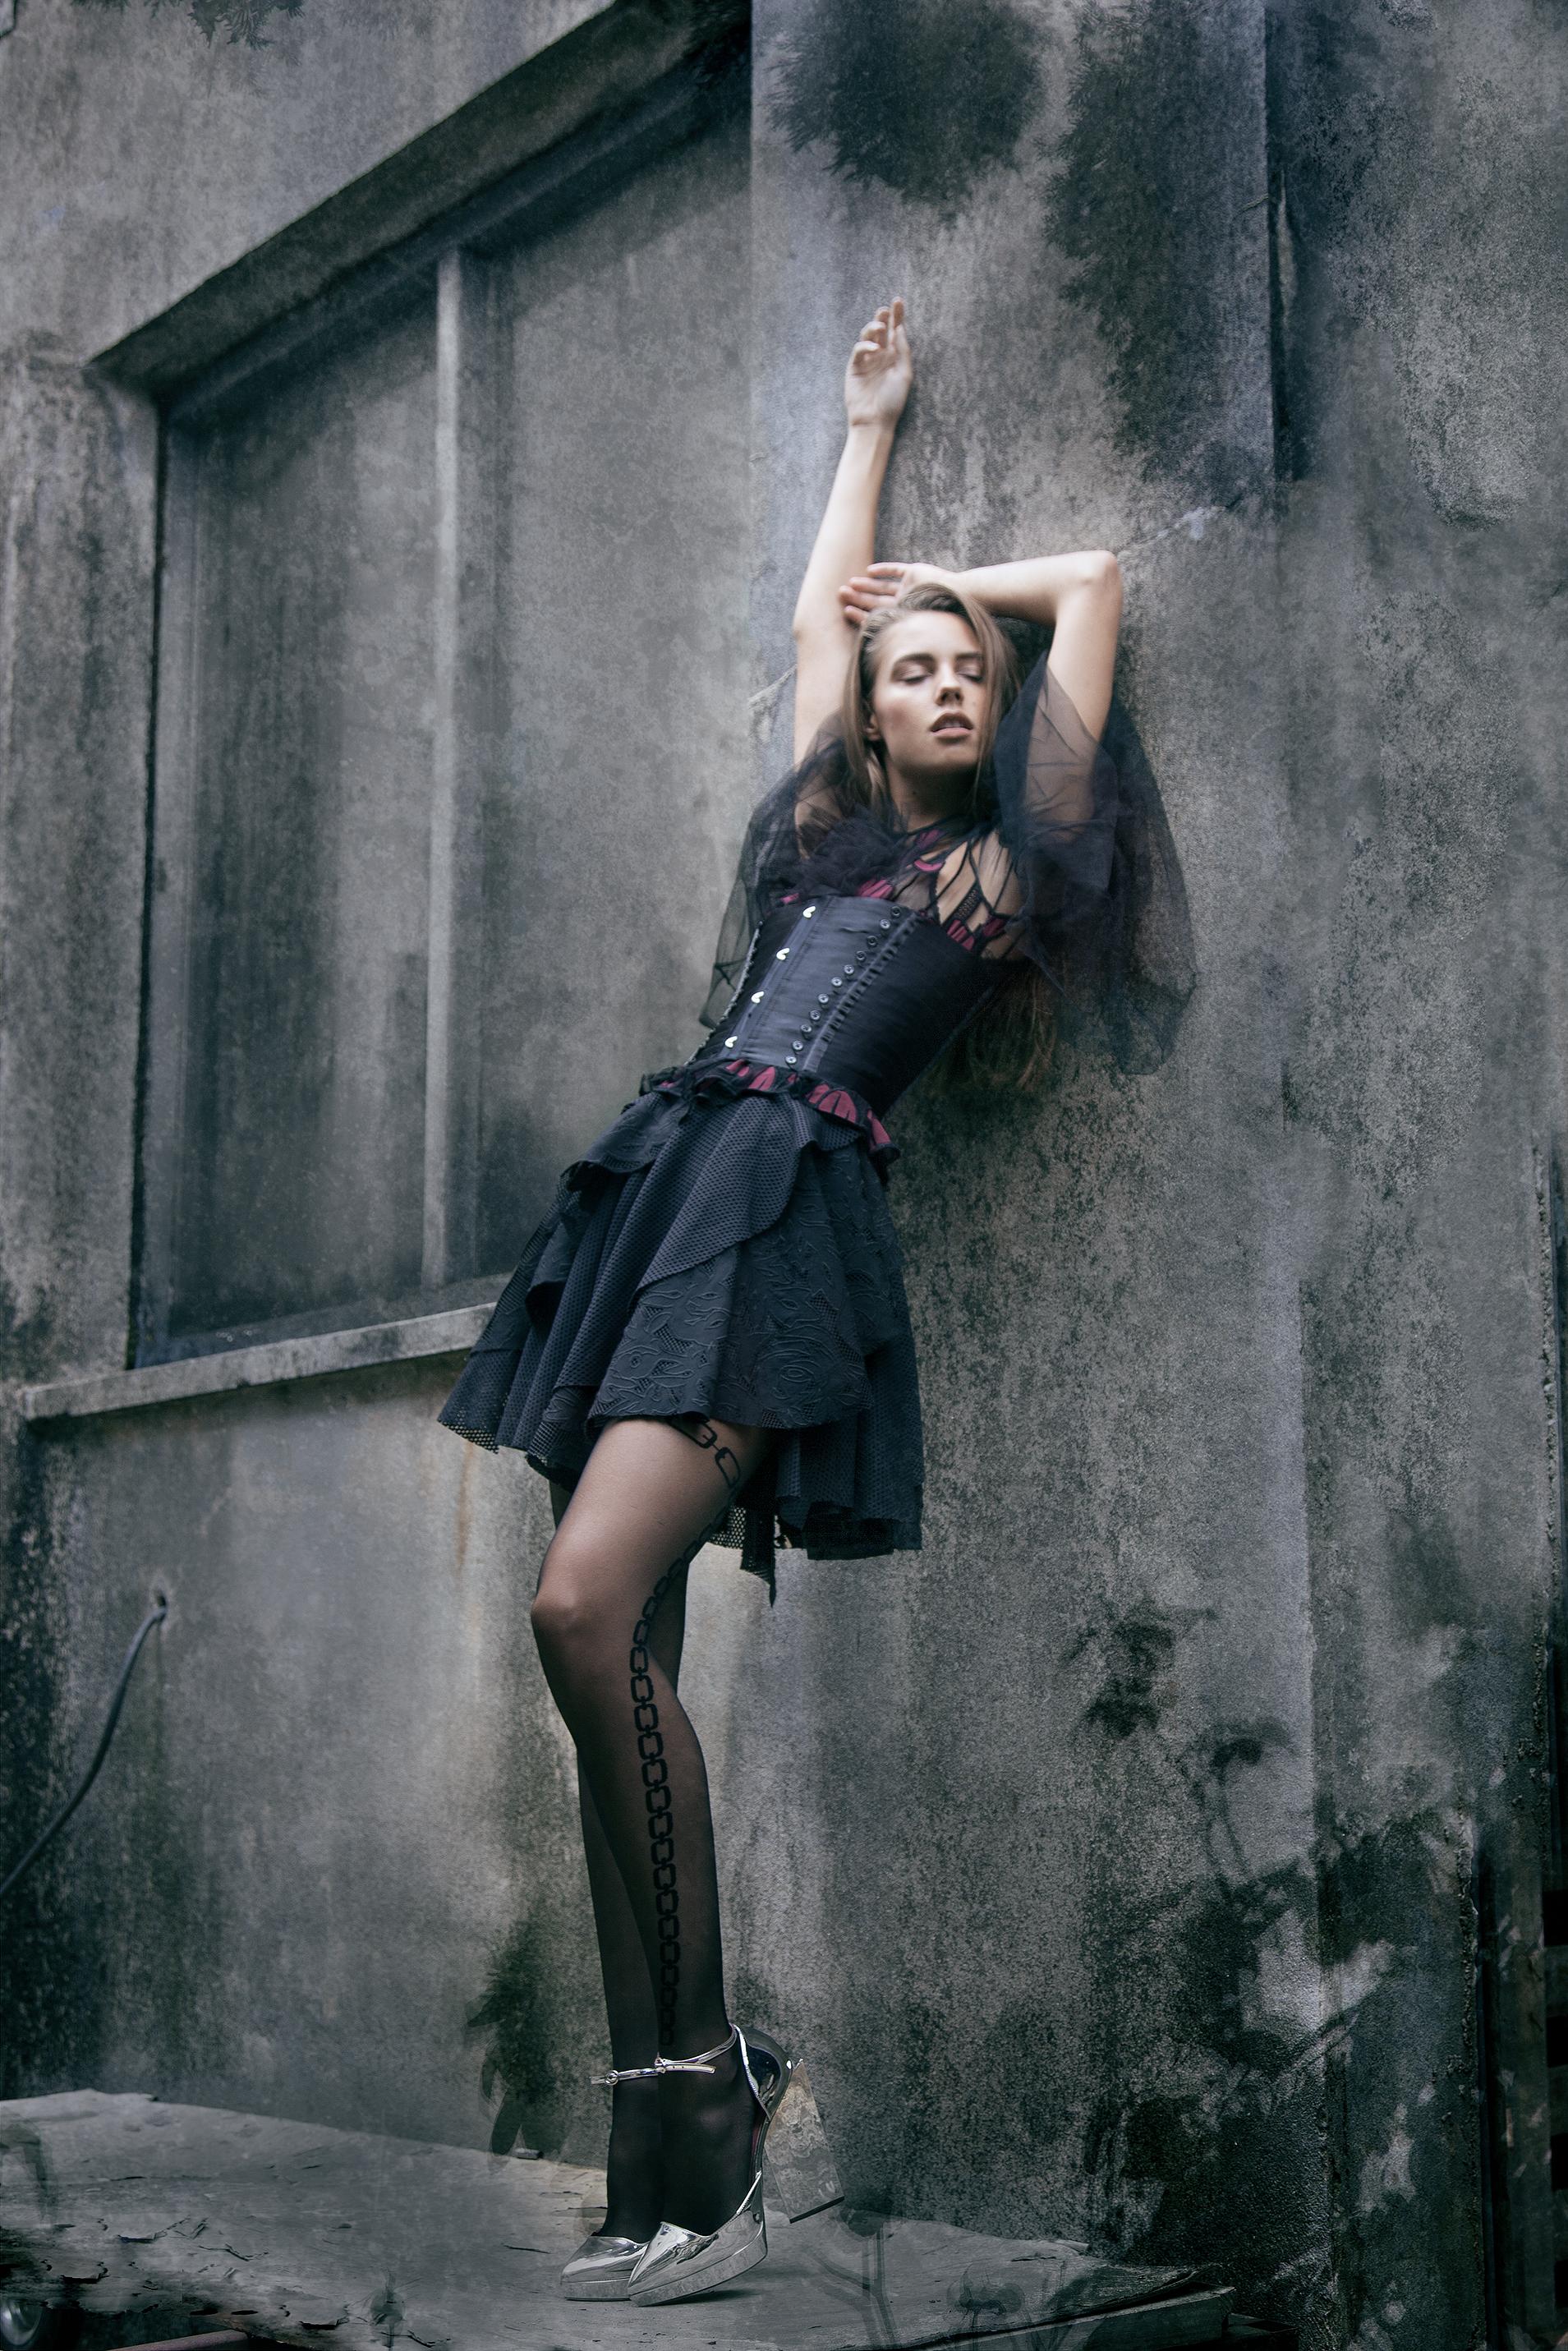 Haut Couture en tulle noir YANNINA Corset et collant CHANTAL THOMAS JupeTALBOT RUNHOF Chaussure argent : PAULE KA